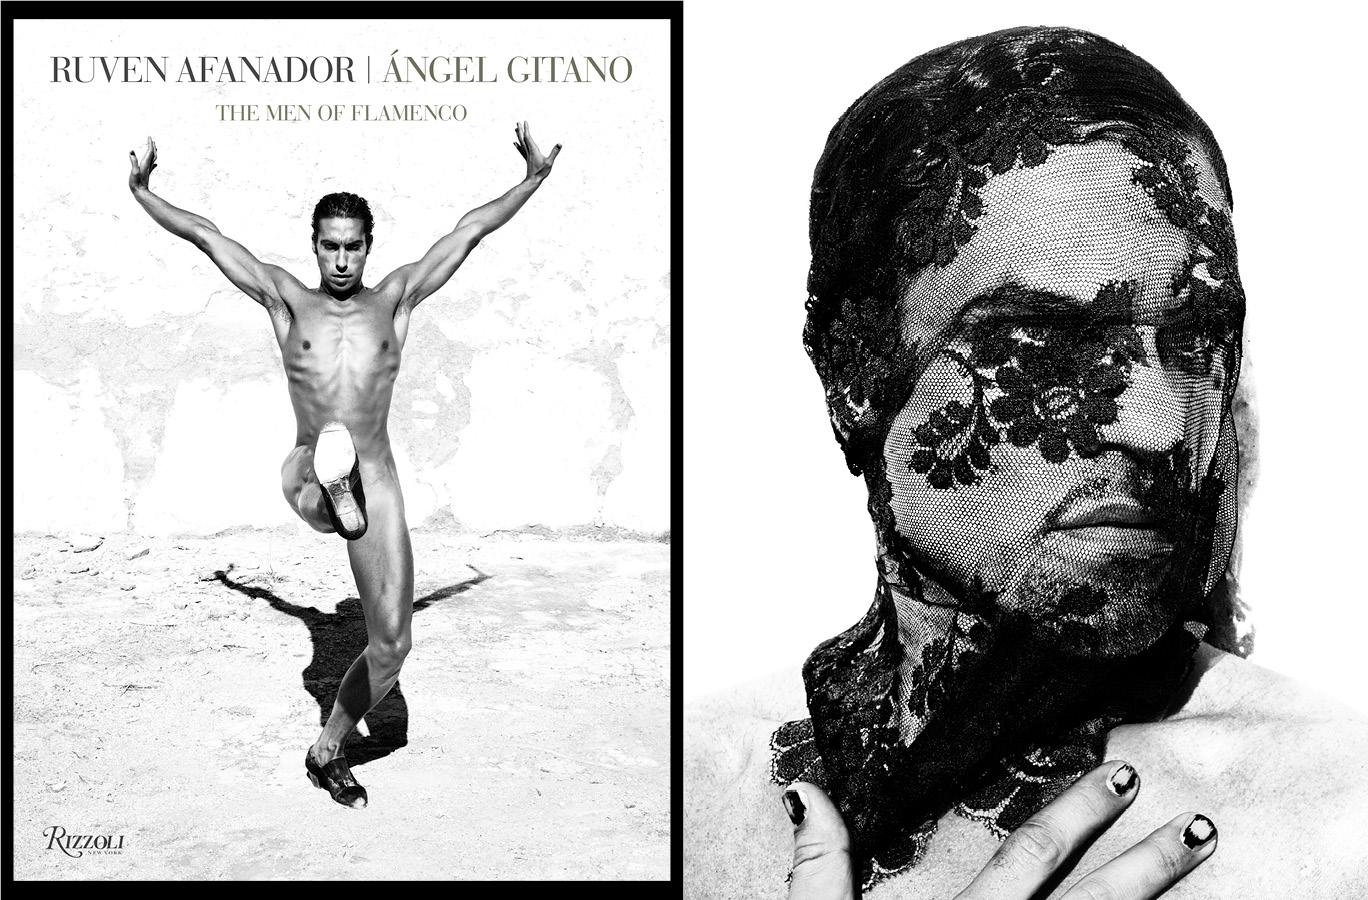 Spirit & Flesh - The Men of Flamenco